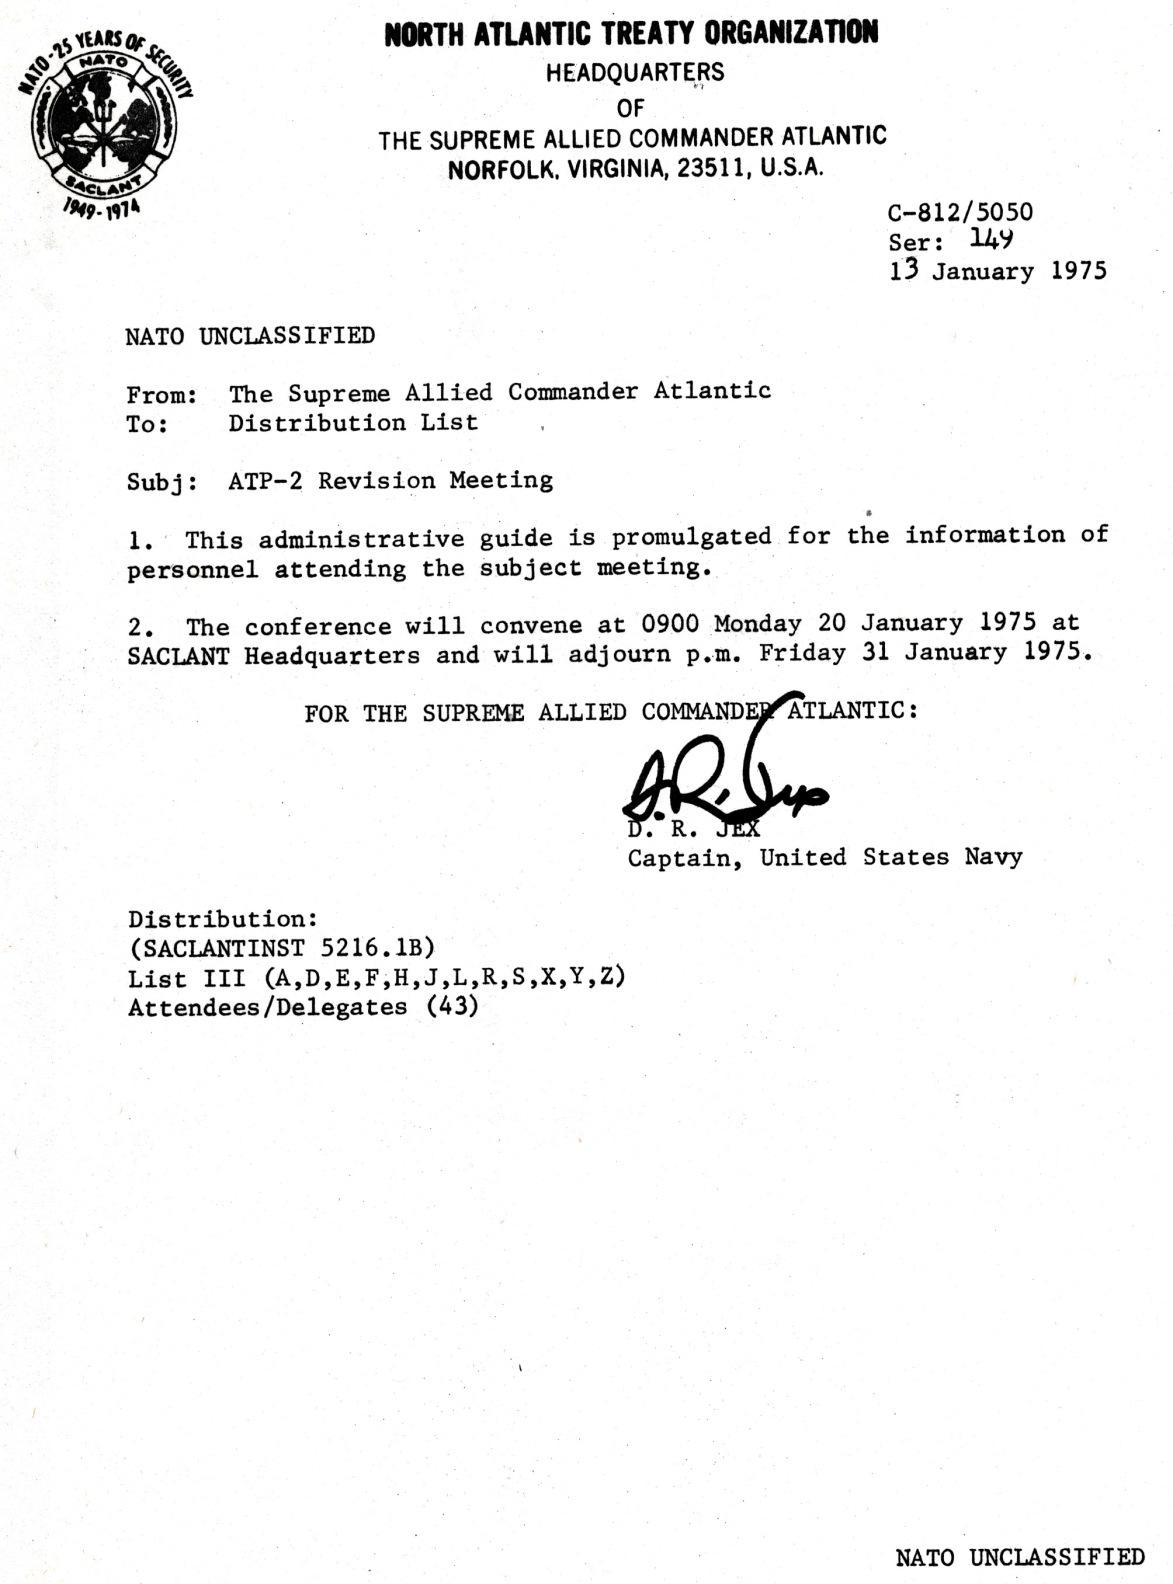 00669 975-01-13 instruções para encontro de revisão do ATP-2 da NATO em Norfolk EUA de 20 a 31-1-75